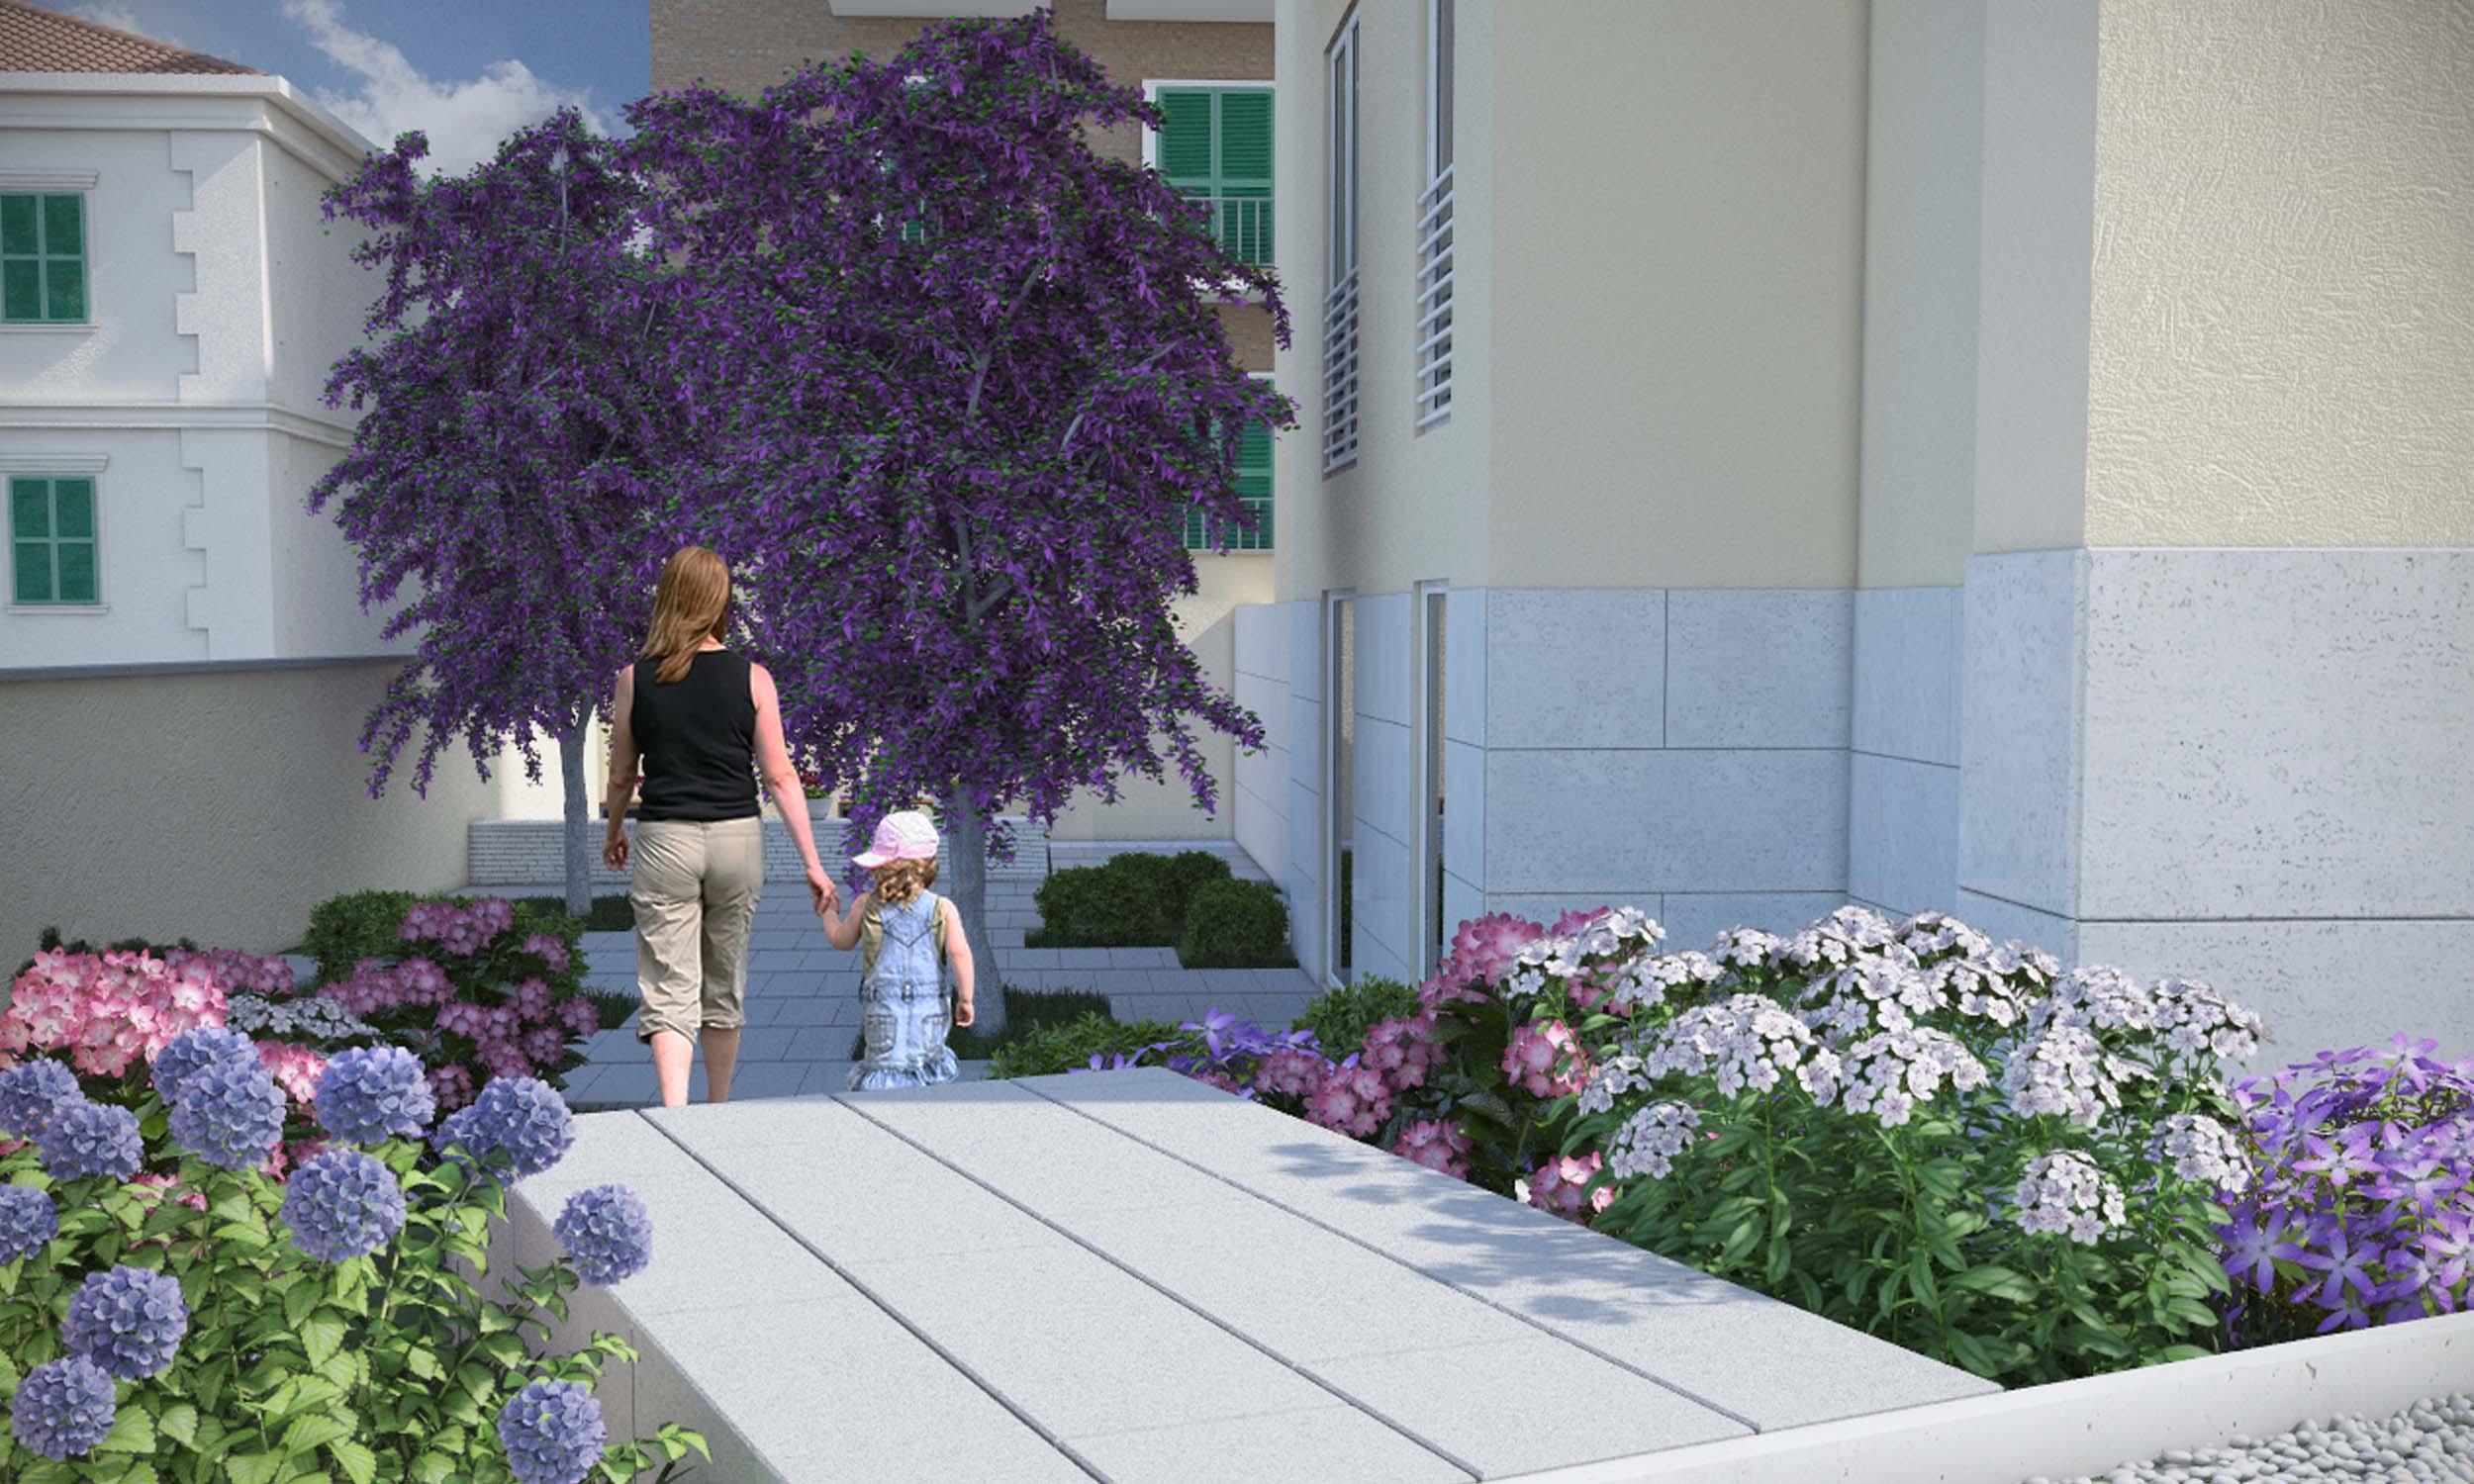 realizzare-il-giardino-dei-sogni-studio-architettura-roma-forniti4